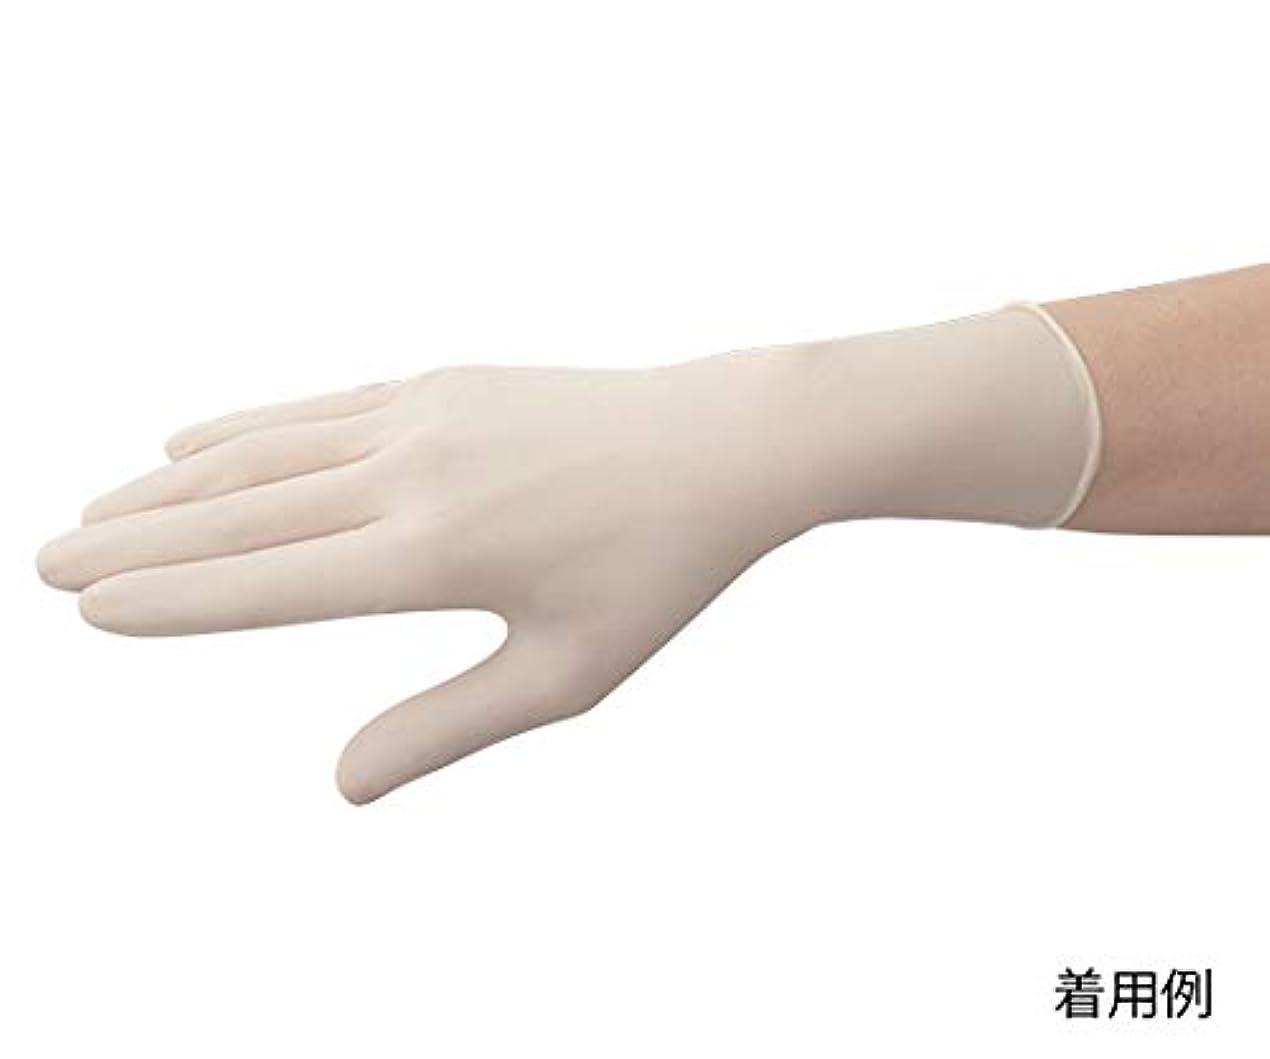 上回る反映するにおい東レ?メディカル 手術用手袋メディグリップ パウダーフリー50双 8170MG